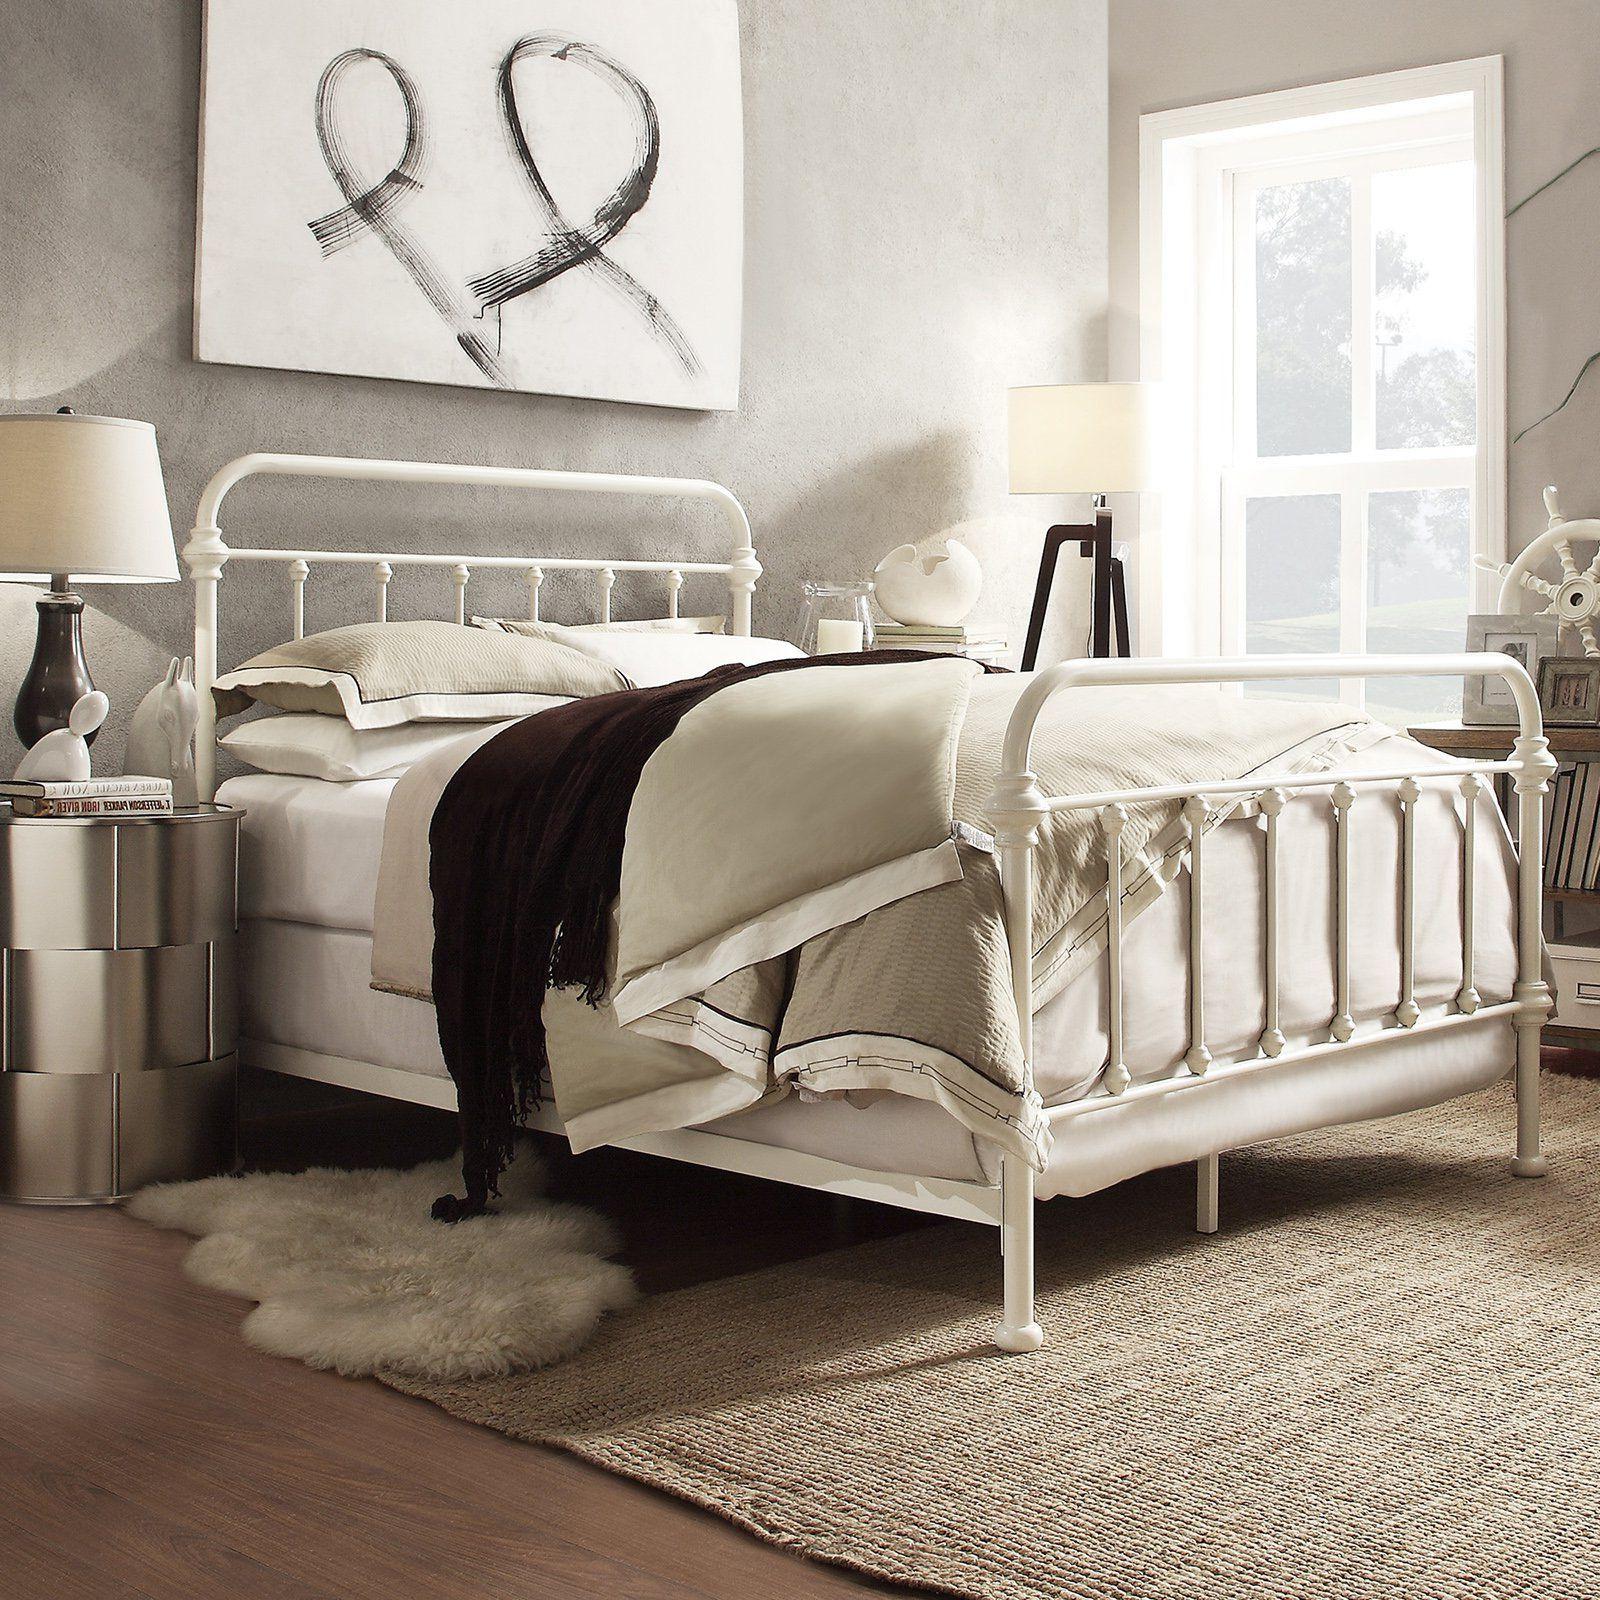 Metallbetten und beige Nuancen machen das Schlafzimmer gemütlicher